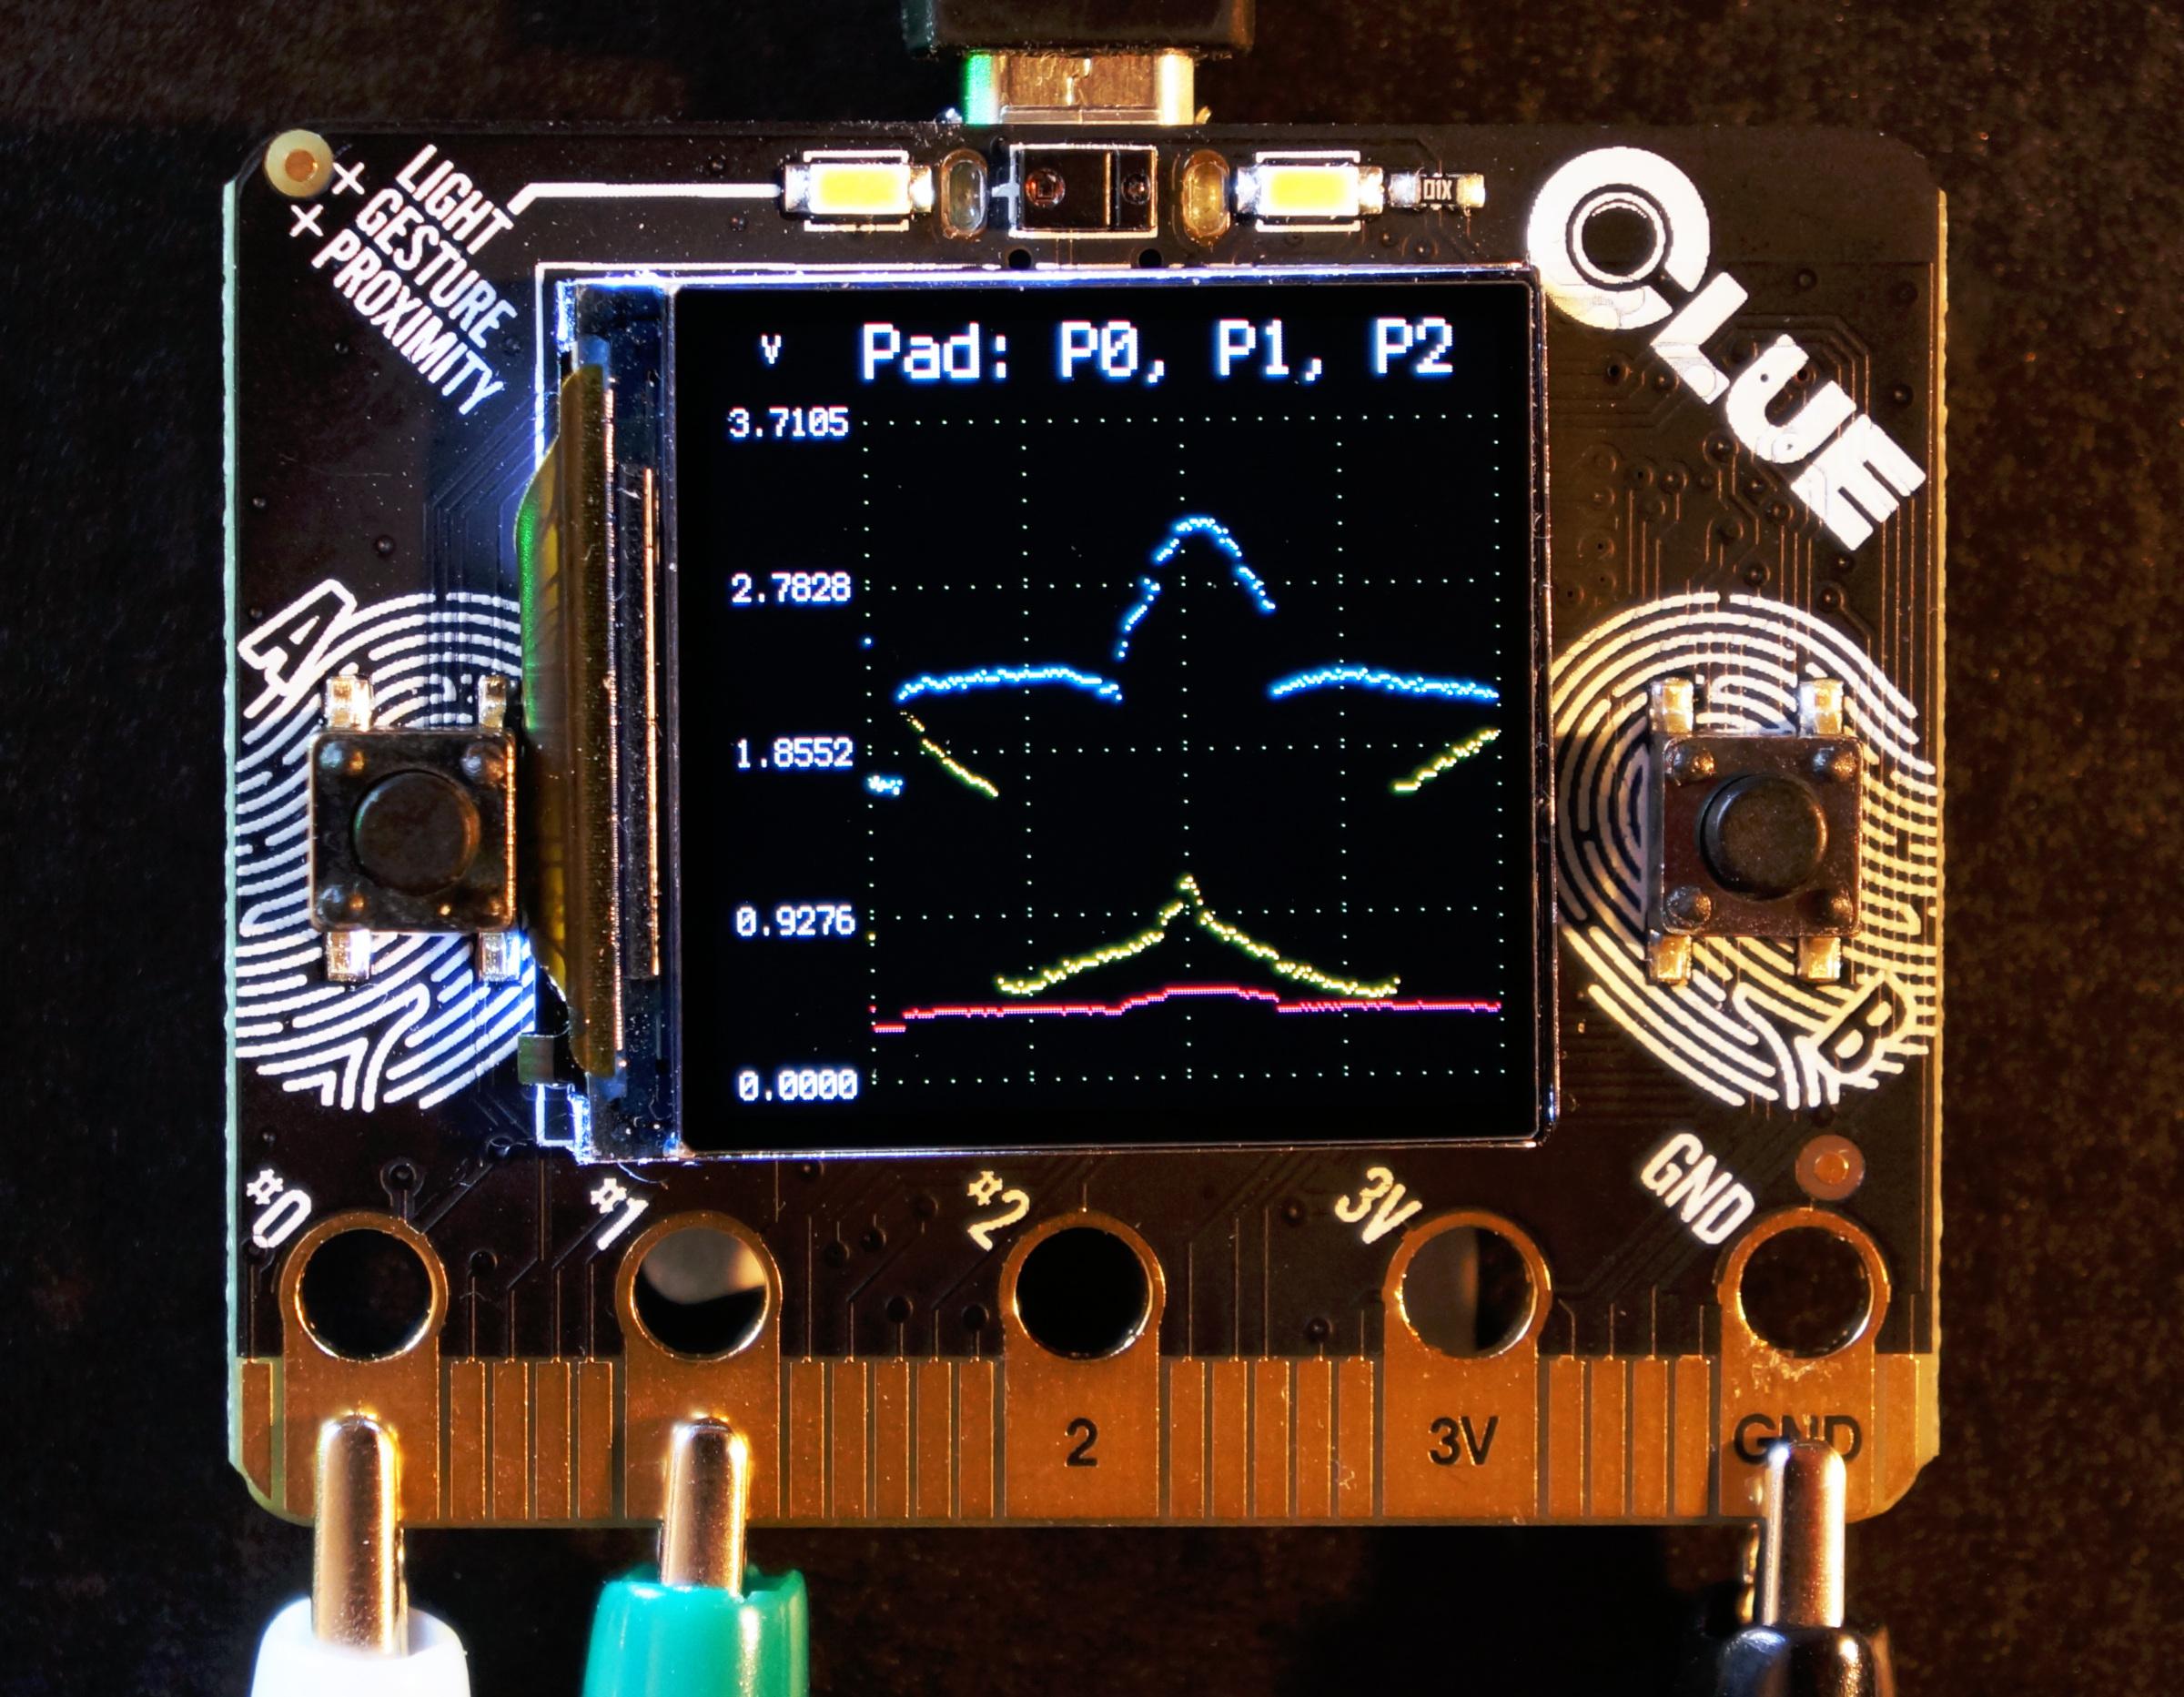 sensors_clue-sensor-plotter-pads-logo-2400x1800.jpg